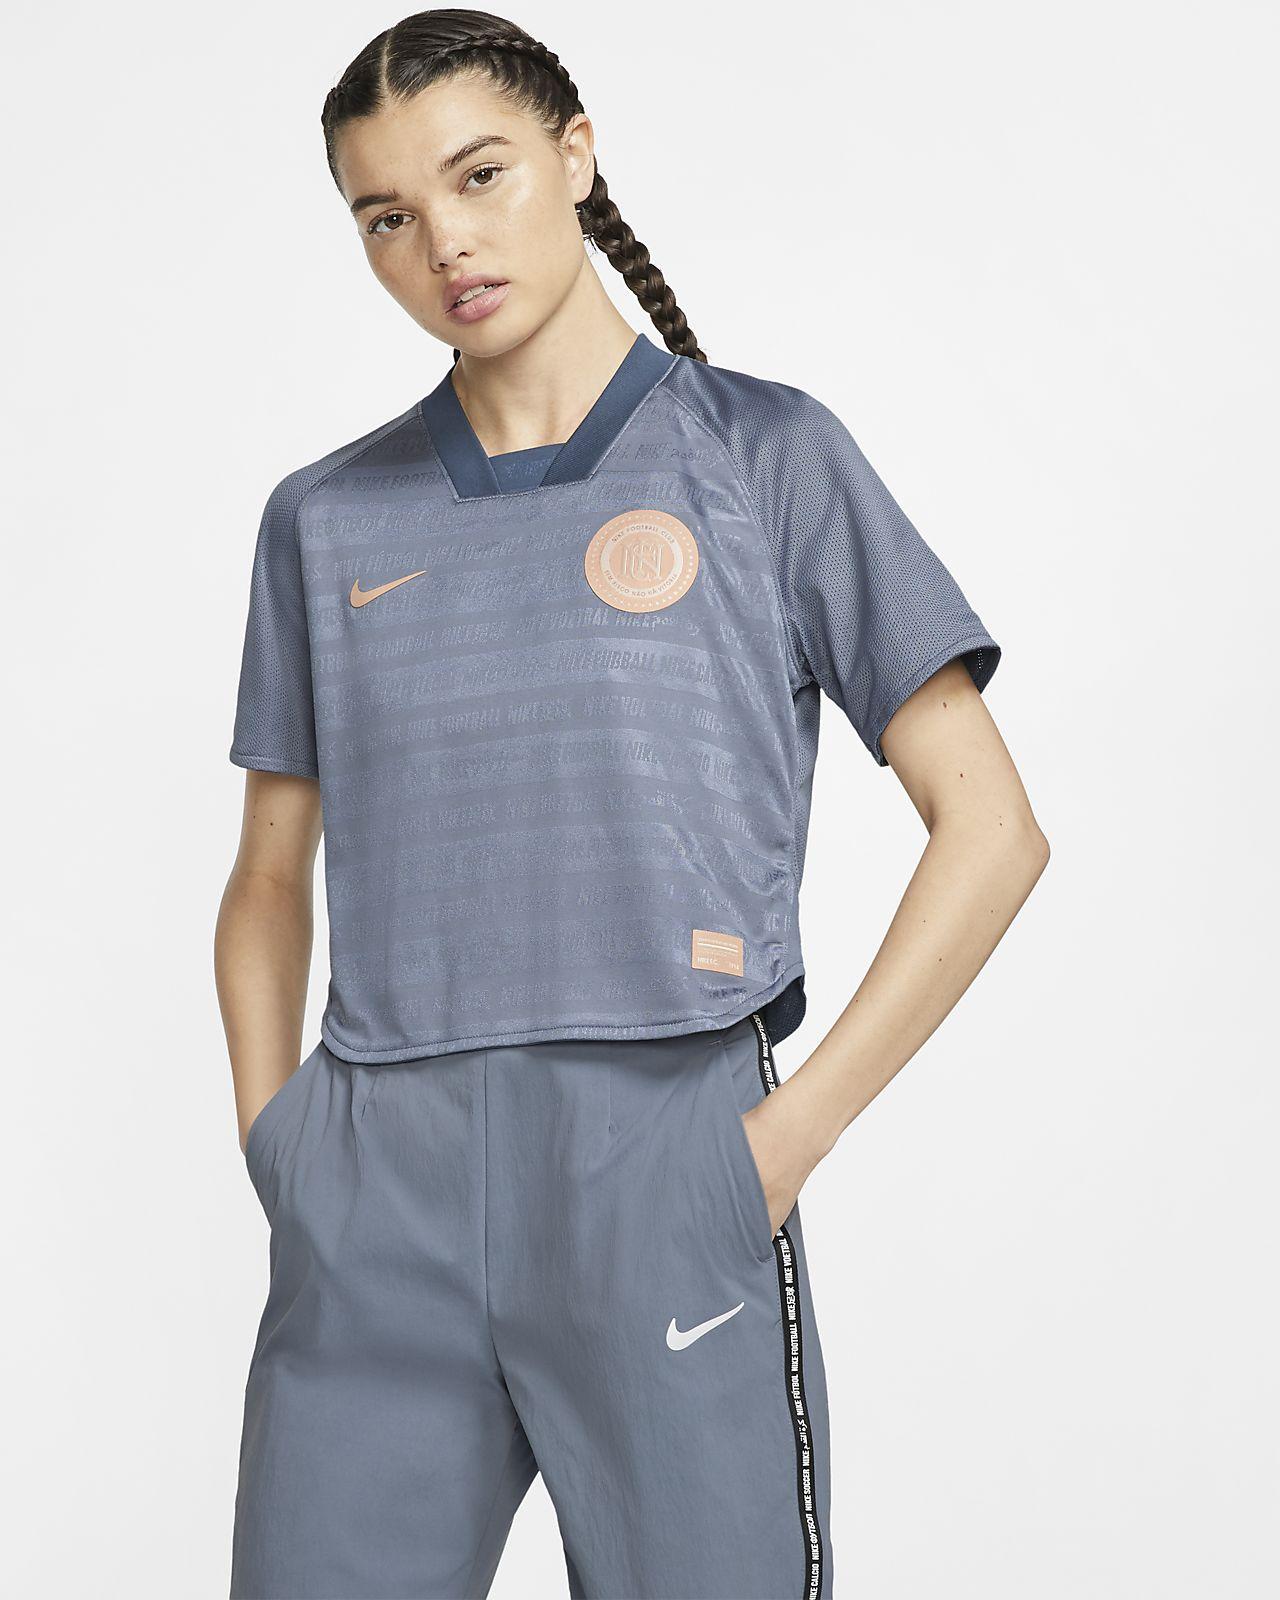 Dámské fotbalové tričko Nike F.C. Dri-FIT s krátkým rukávem